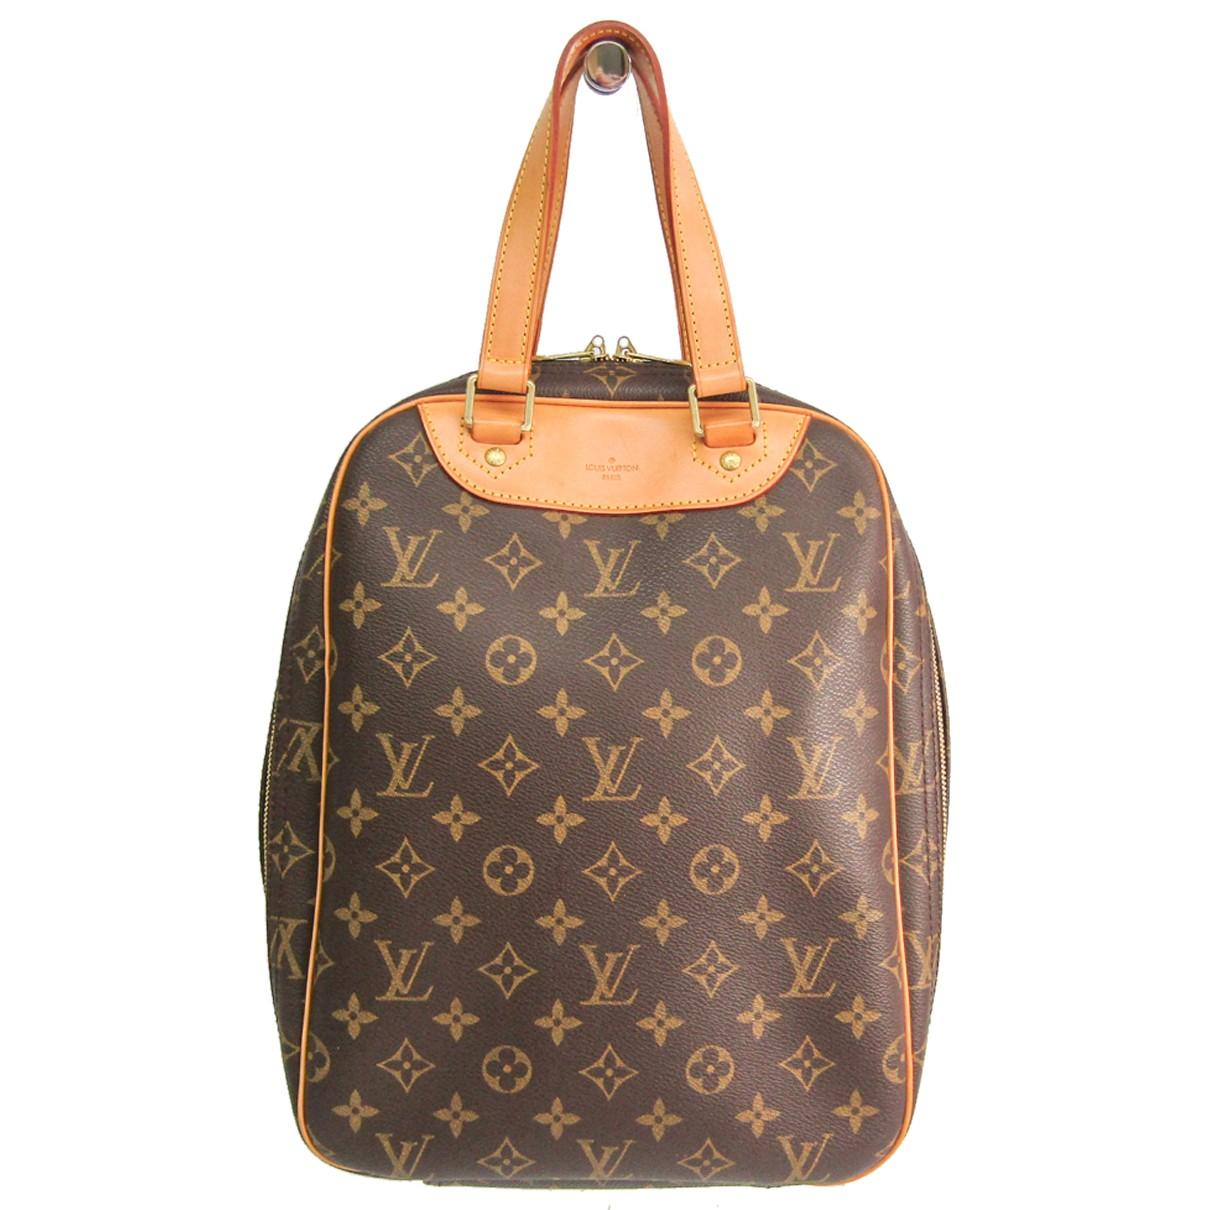 Louis Vuitton - Sac de voyage   pour femme en toile - marron